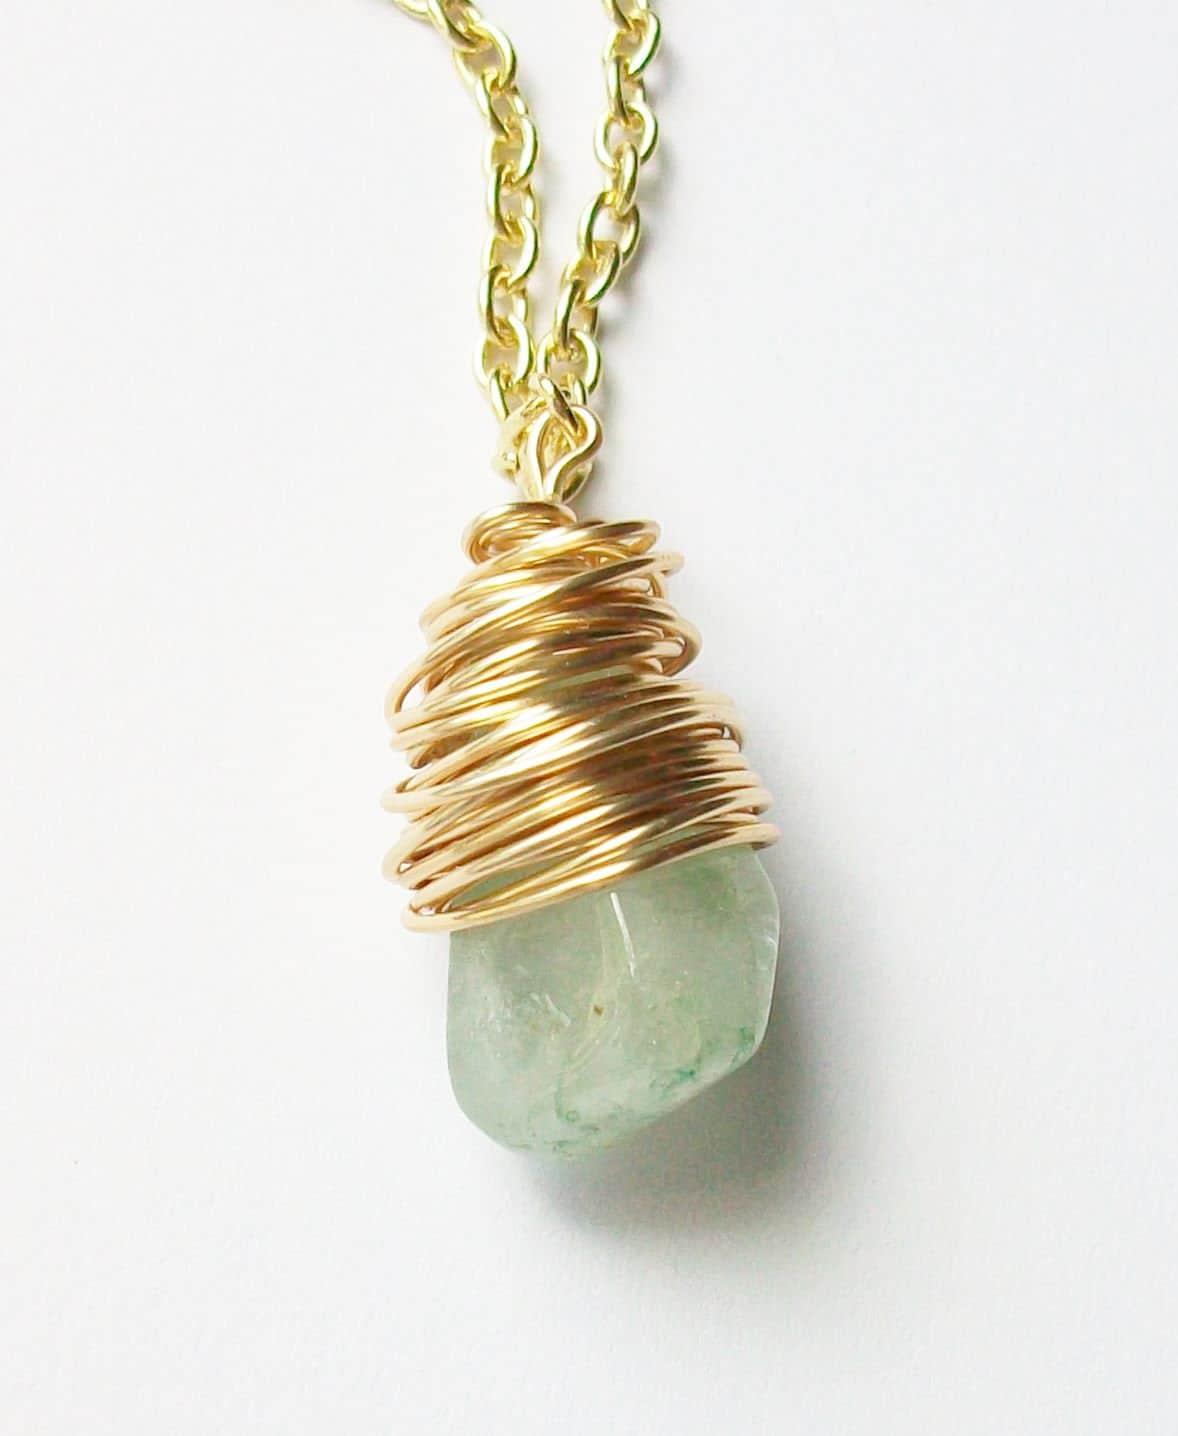 Aquamarine Necklace - Gold Wire Wrap Necklace - Aquamarine Pendant ...